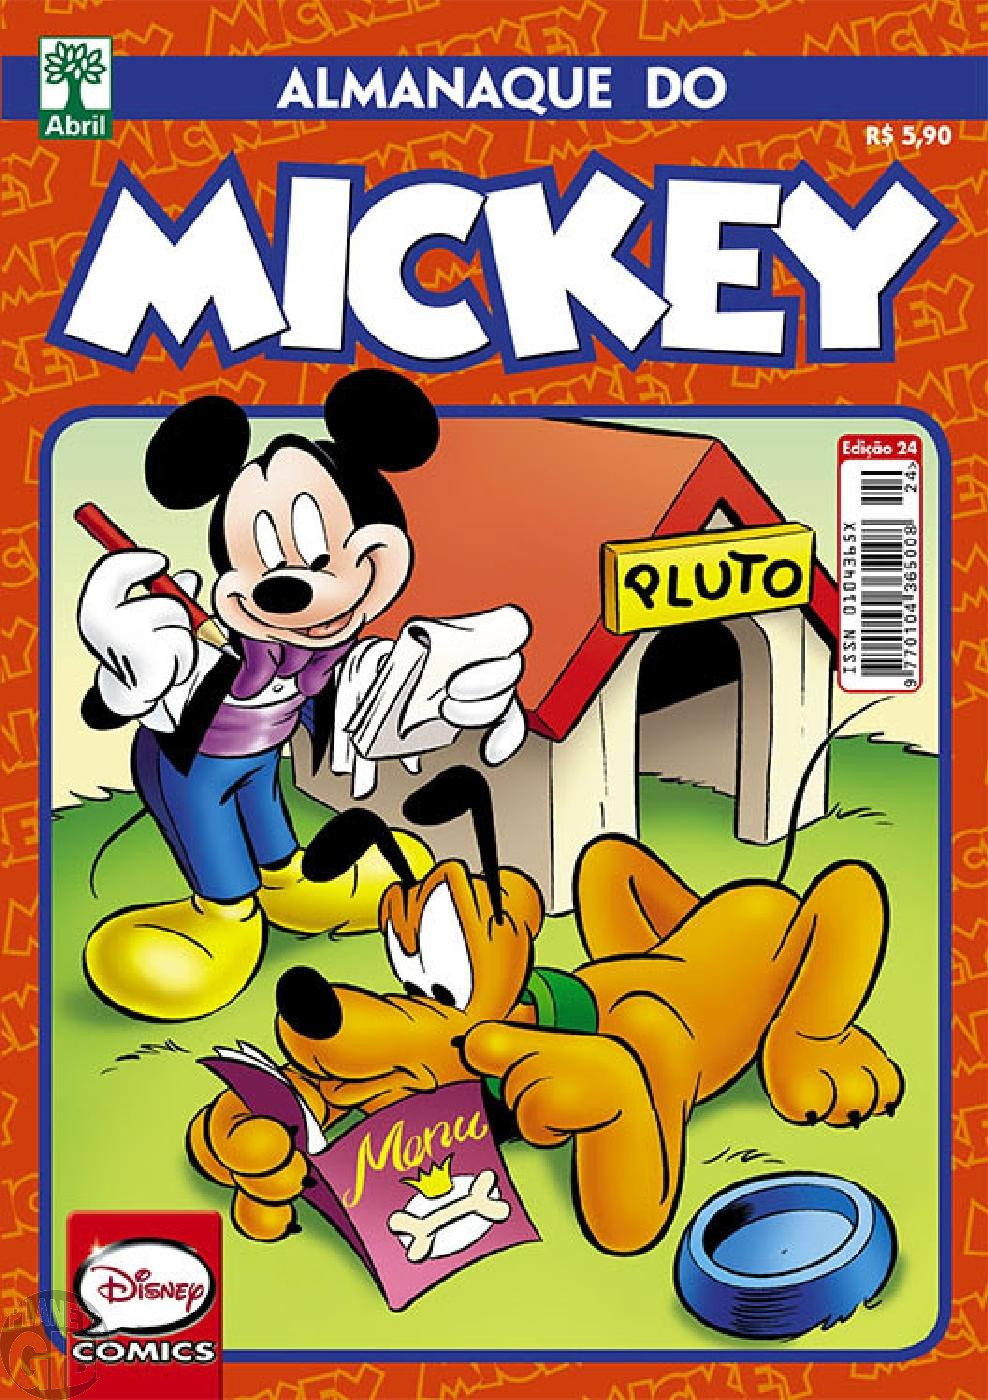 Almanaque do Mickey [2ª série] nº 024 fev/2015 - O Aviador Maluco